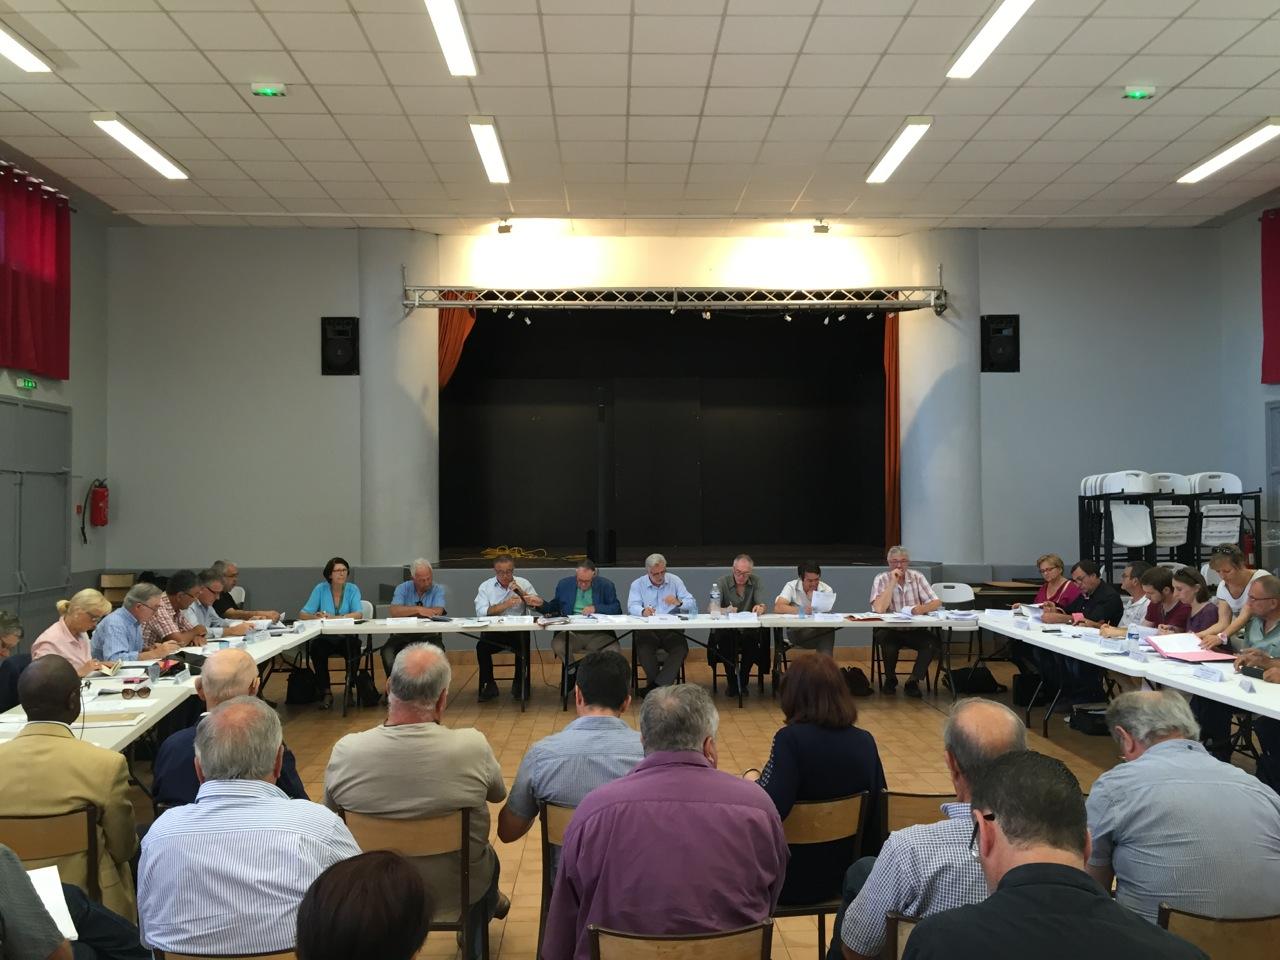 Condensé des délibérations prises lors du comité syndical du jeudi 9 juin 2016 à Gallargues le Montueux